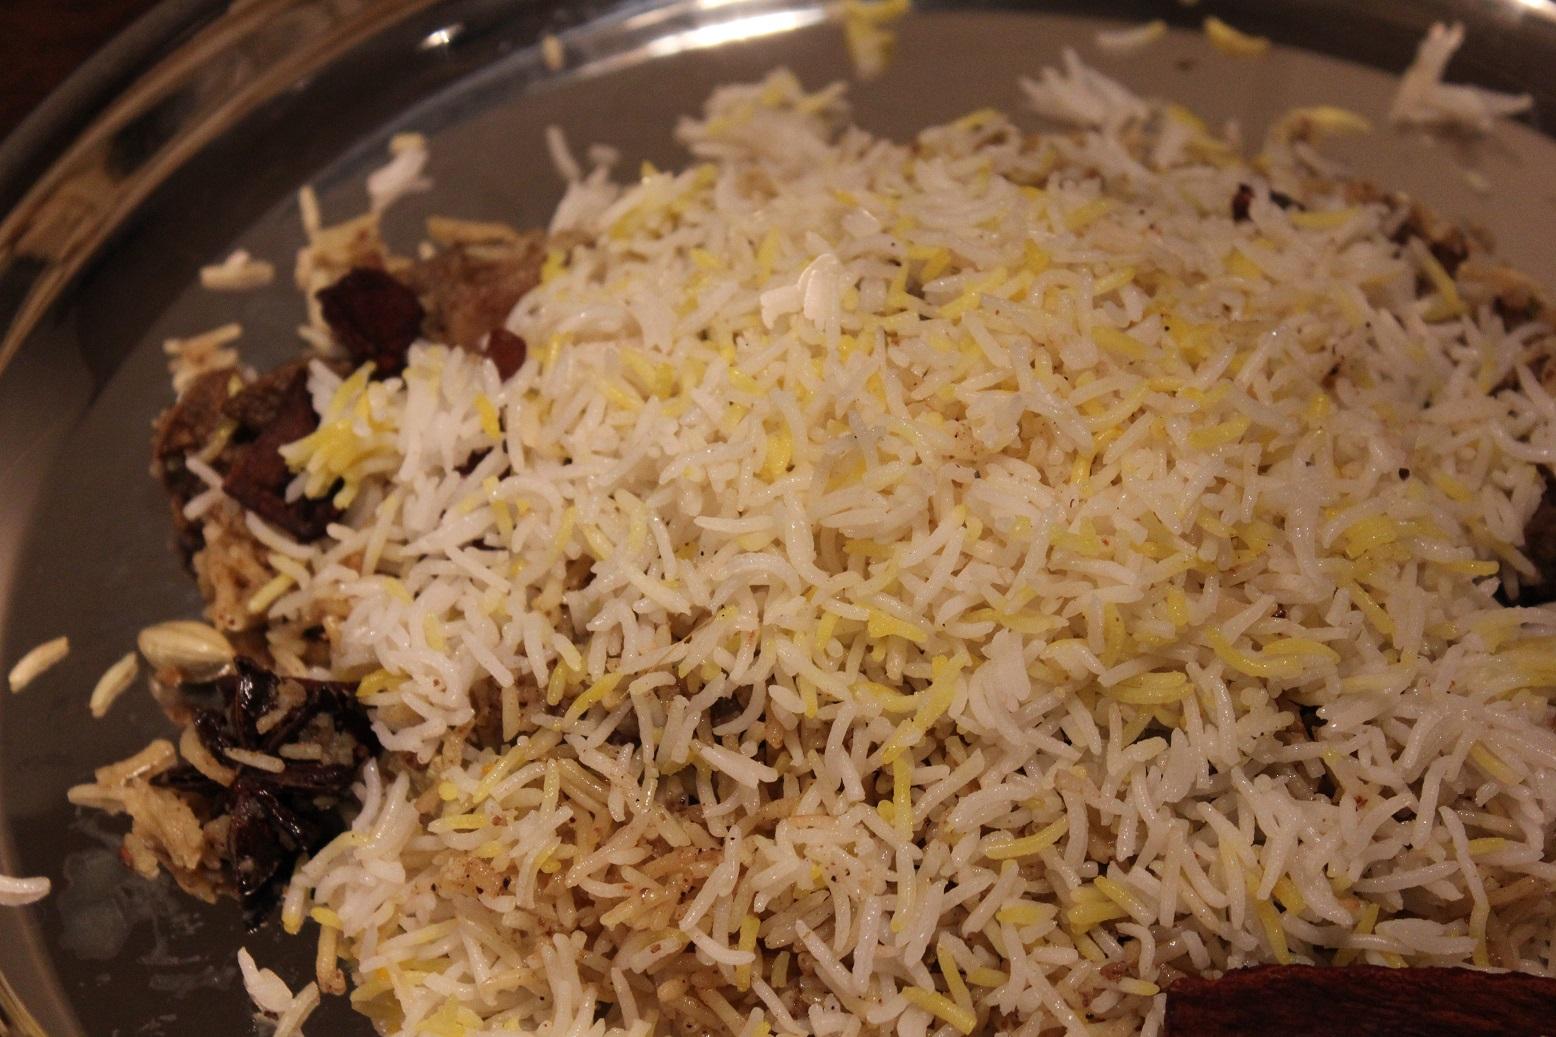 97%本場の味をめざす「ハイデラバーディ・ラムビリヤニ」のレシピ